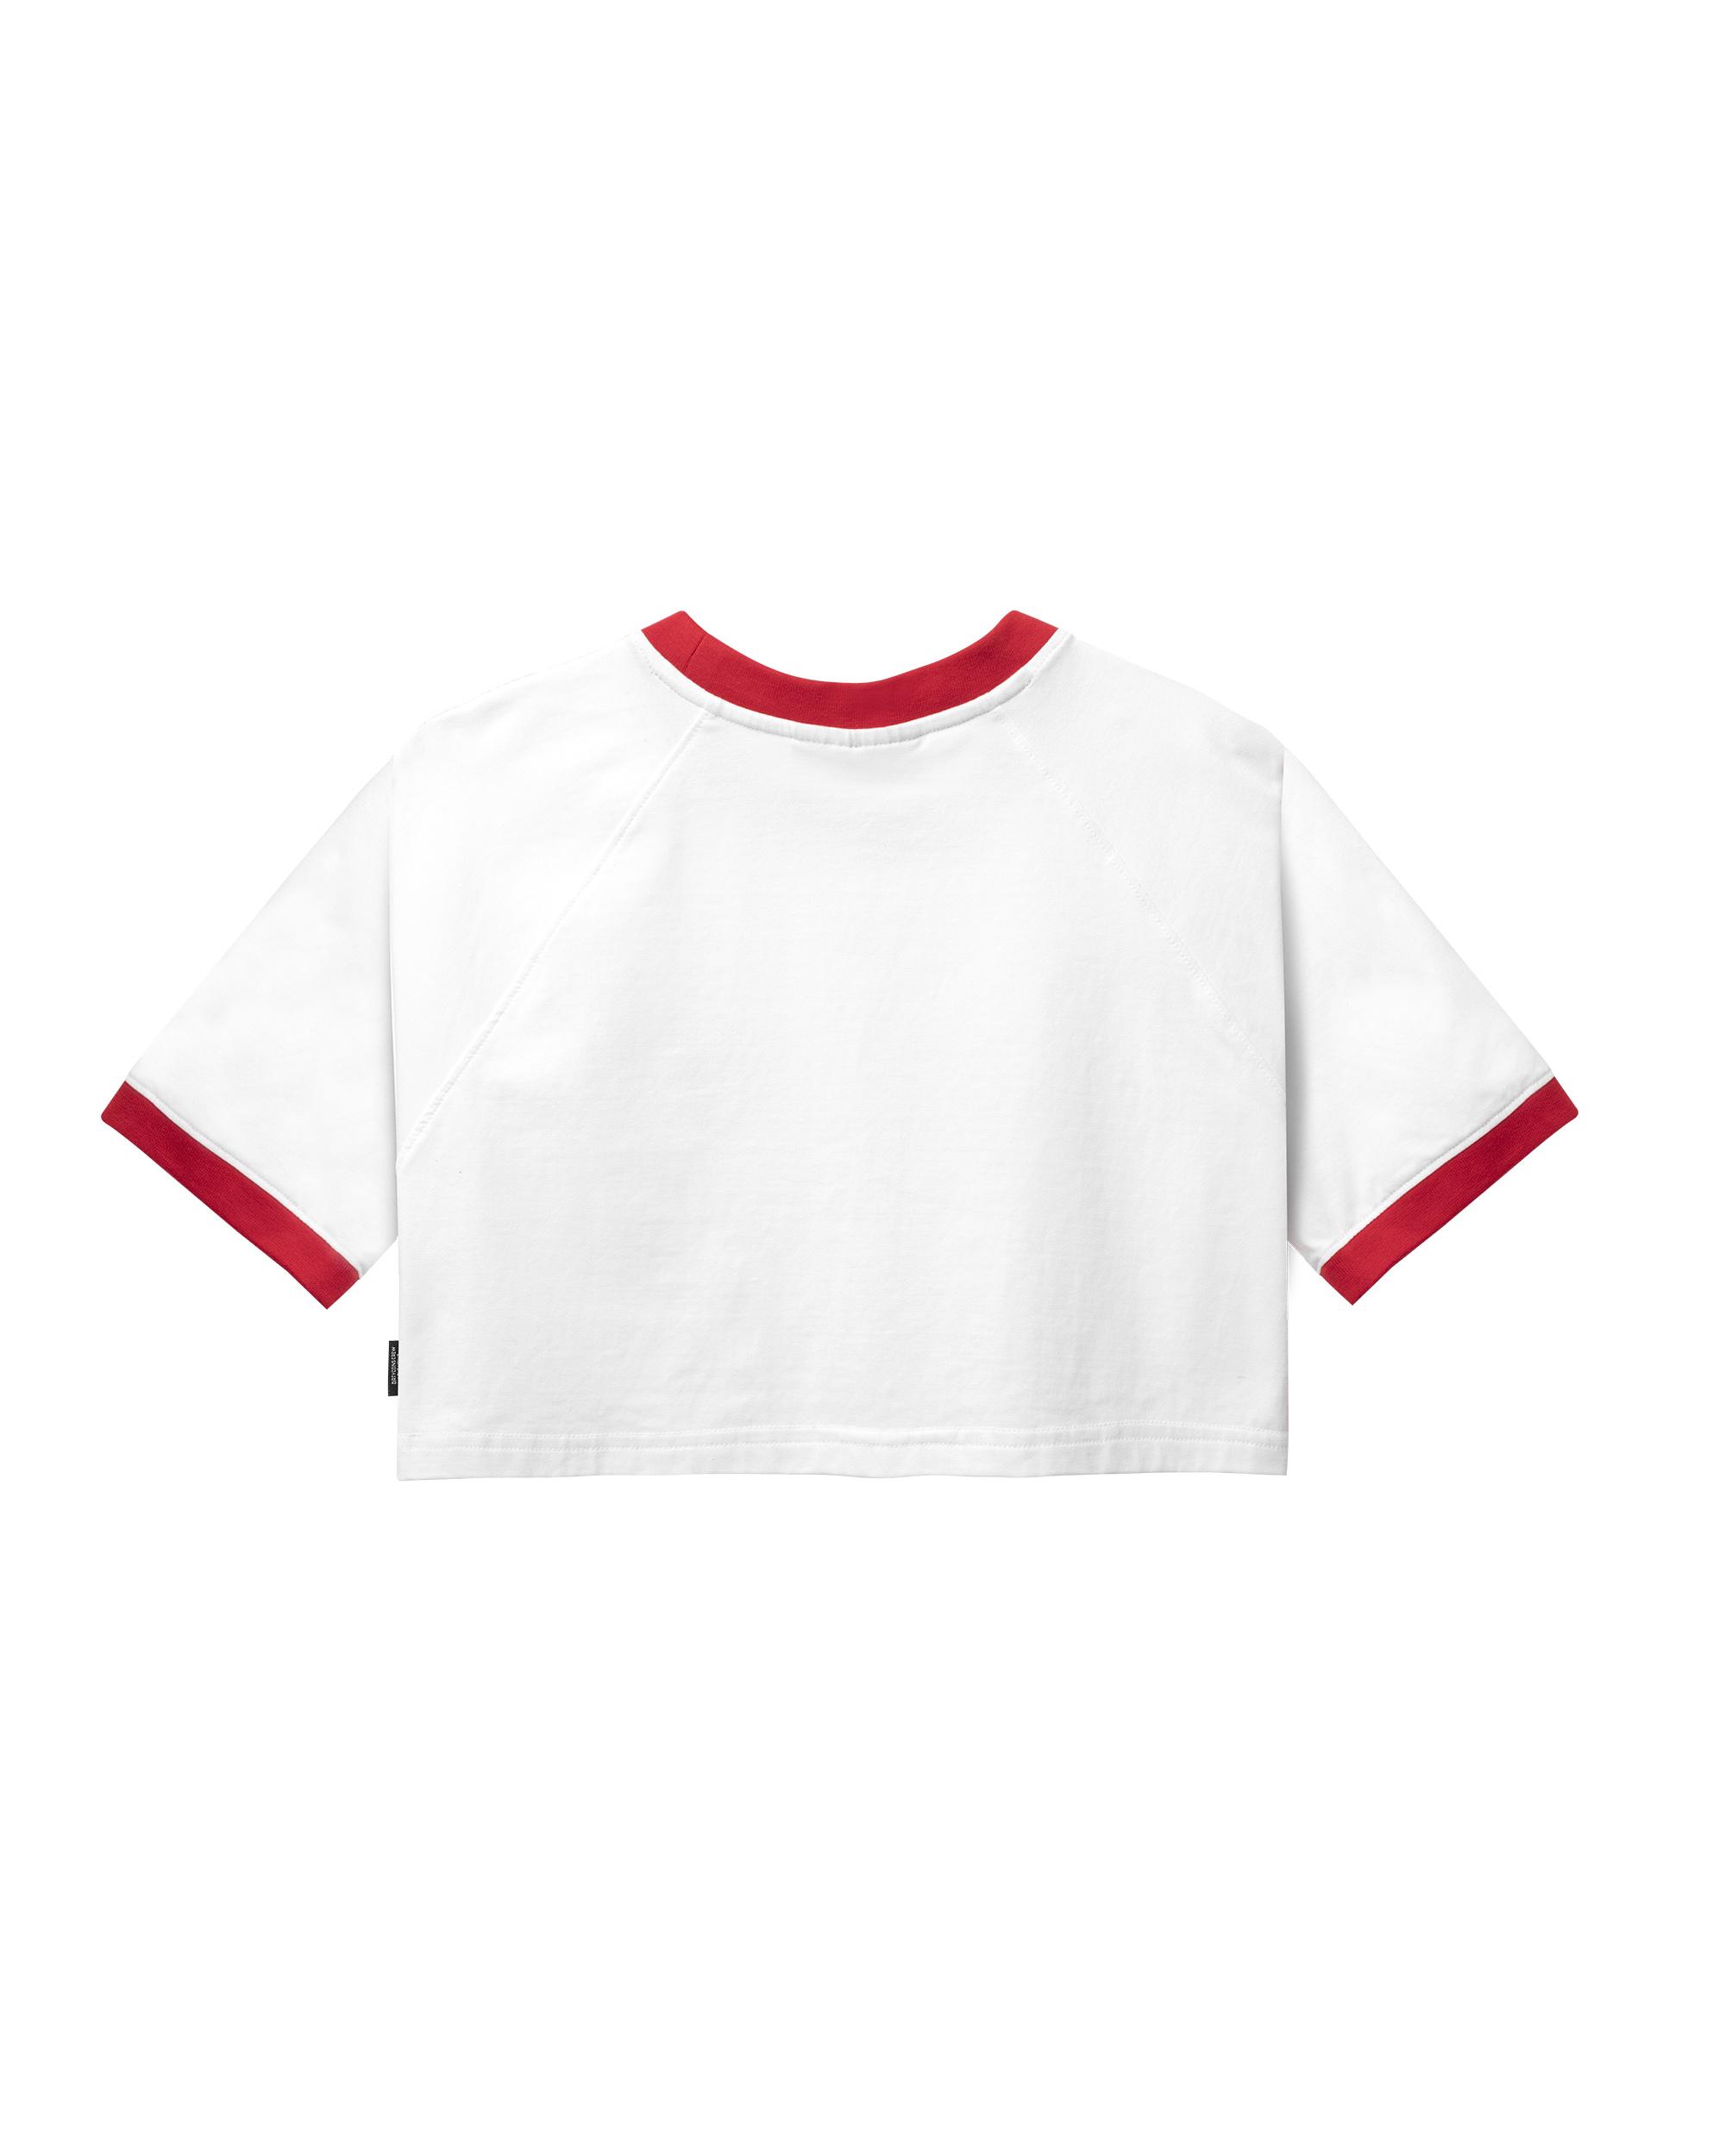 DirtyCoins Basic Croptop Raglan - White /Red